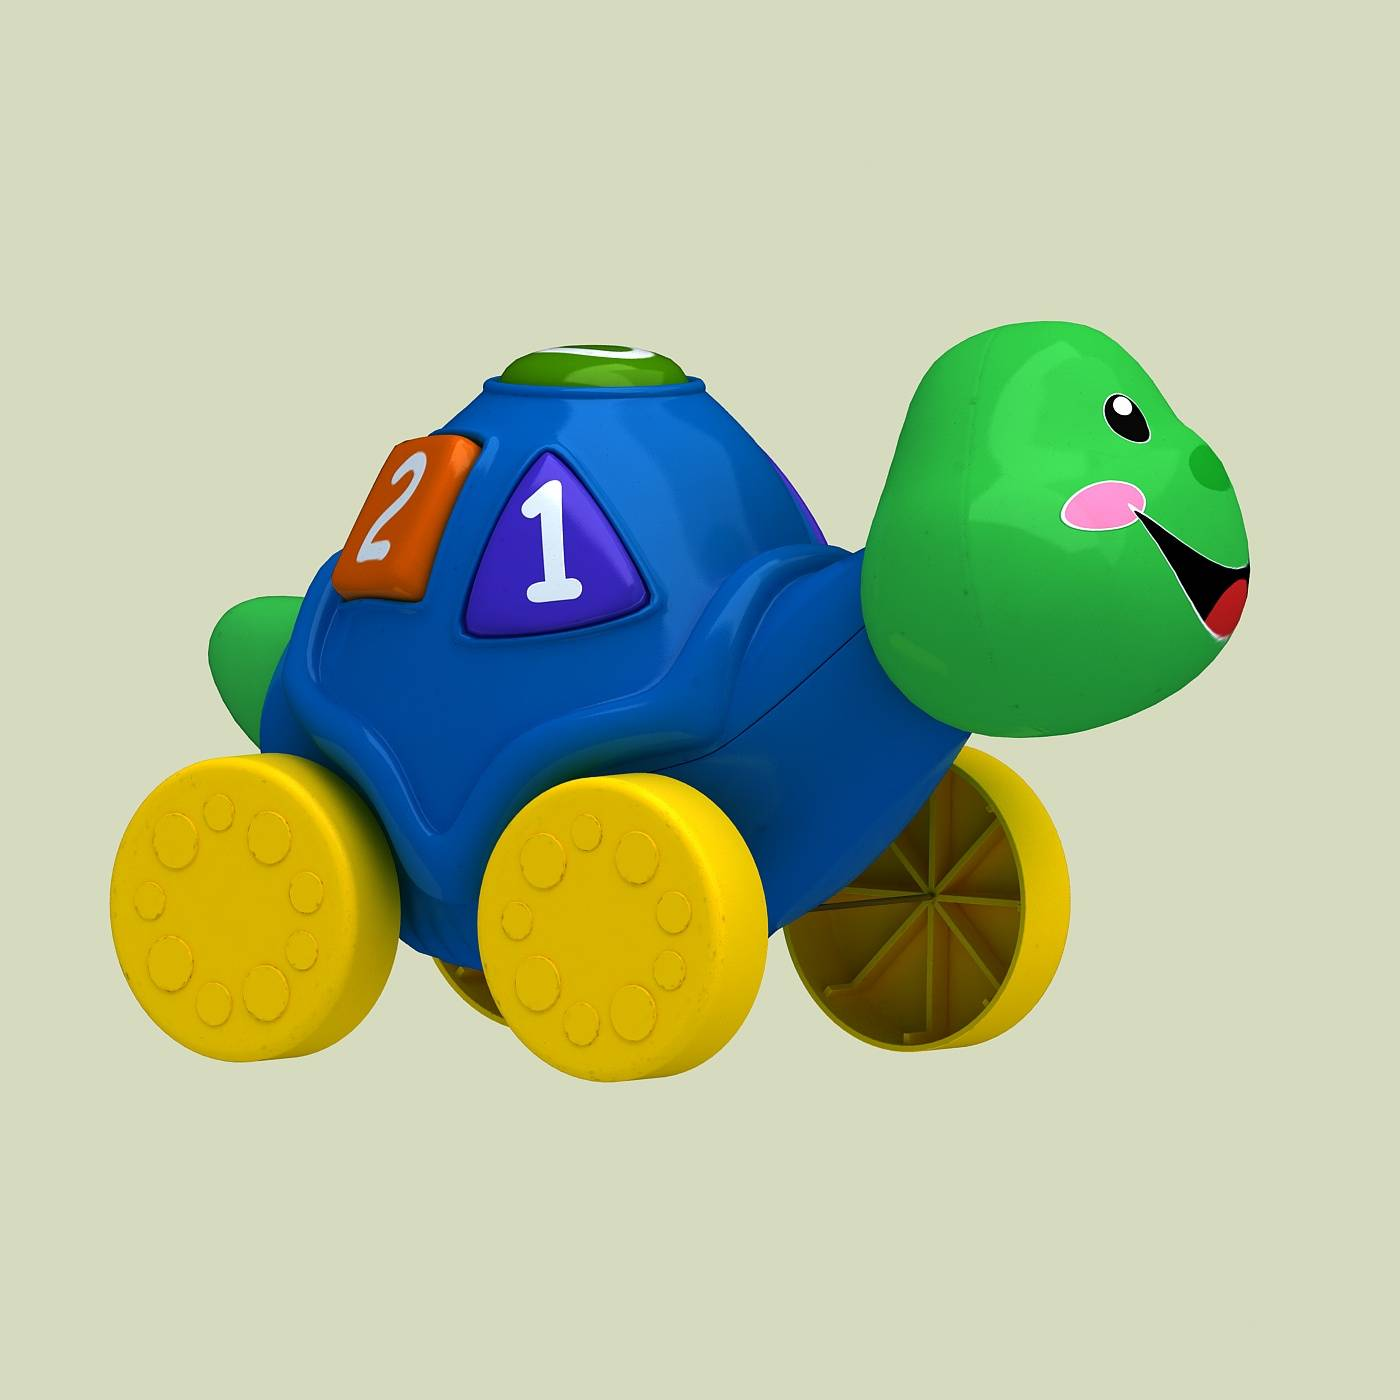 玩具乌龟模型